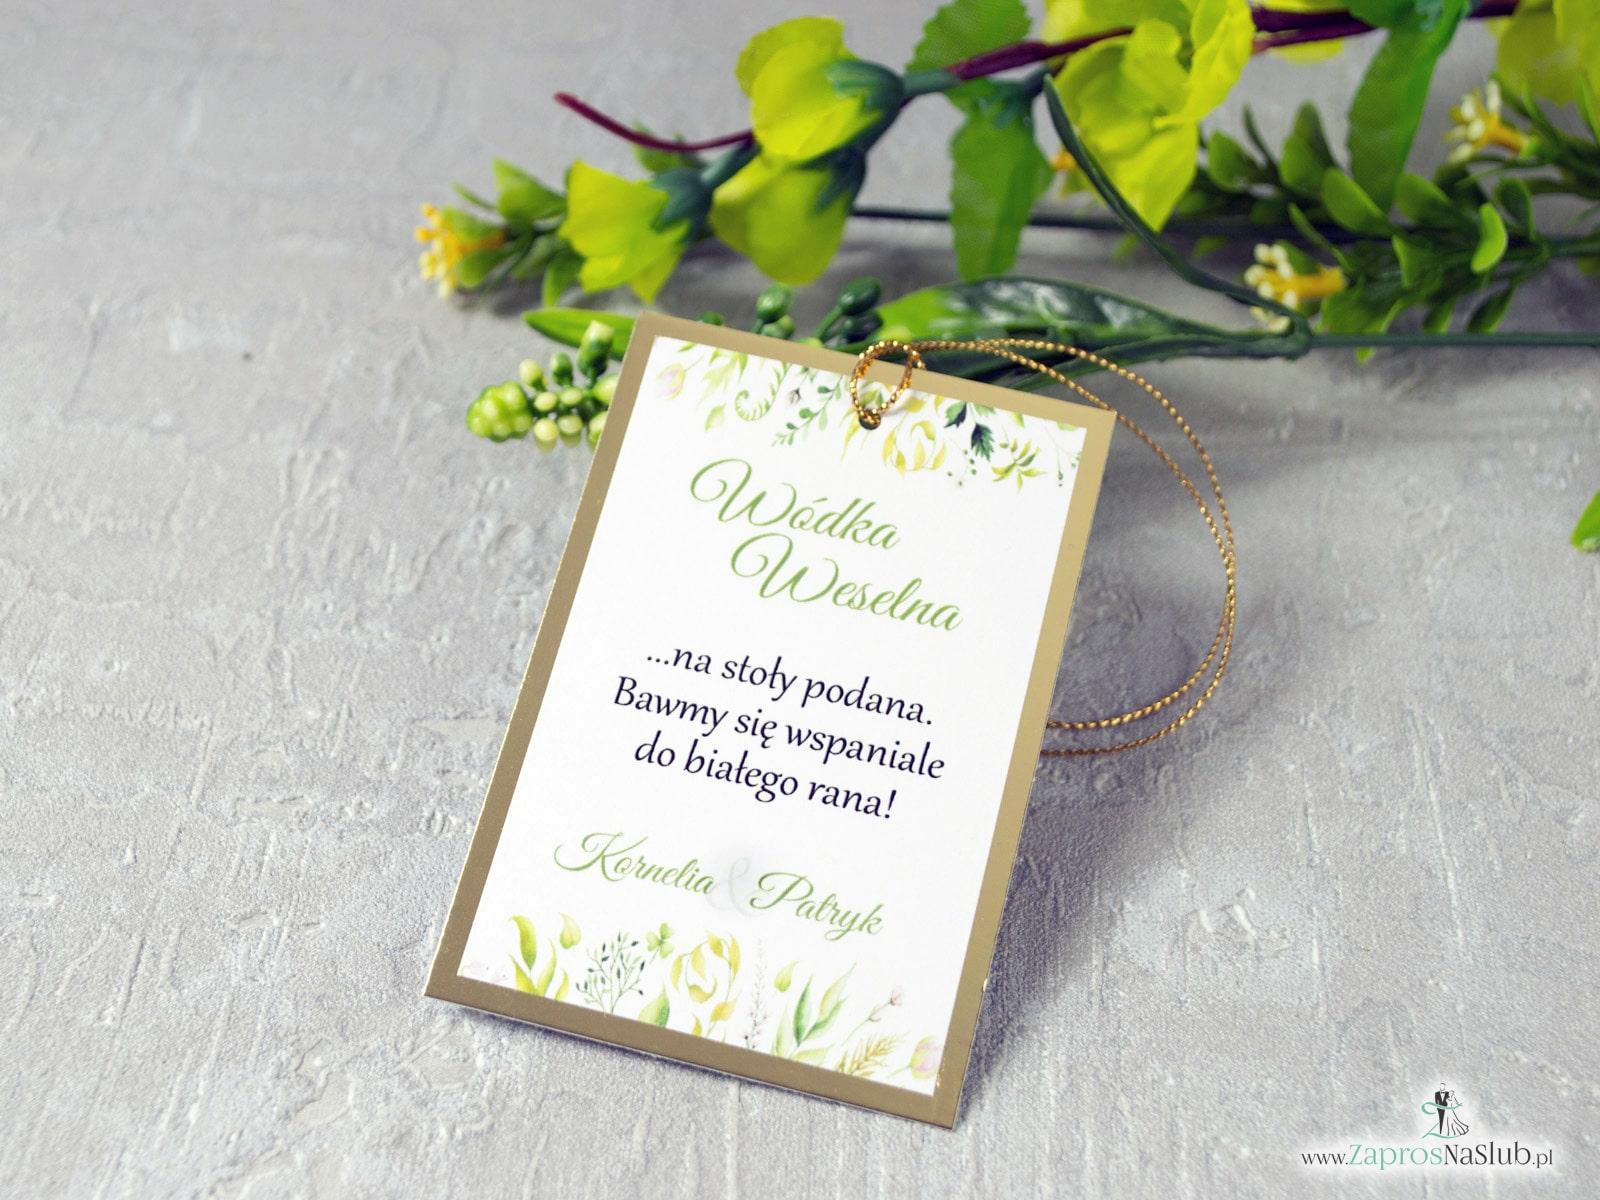 Eleganckie zawieszki na alkohol w stylu rustykalnym z liśćmi w różnych odcieniach na złotym papierze z efektem lustra. ZAW-123-1